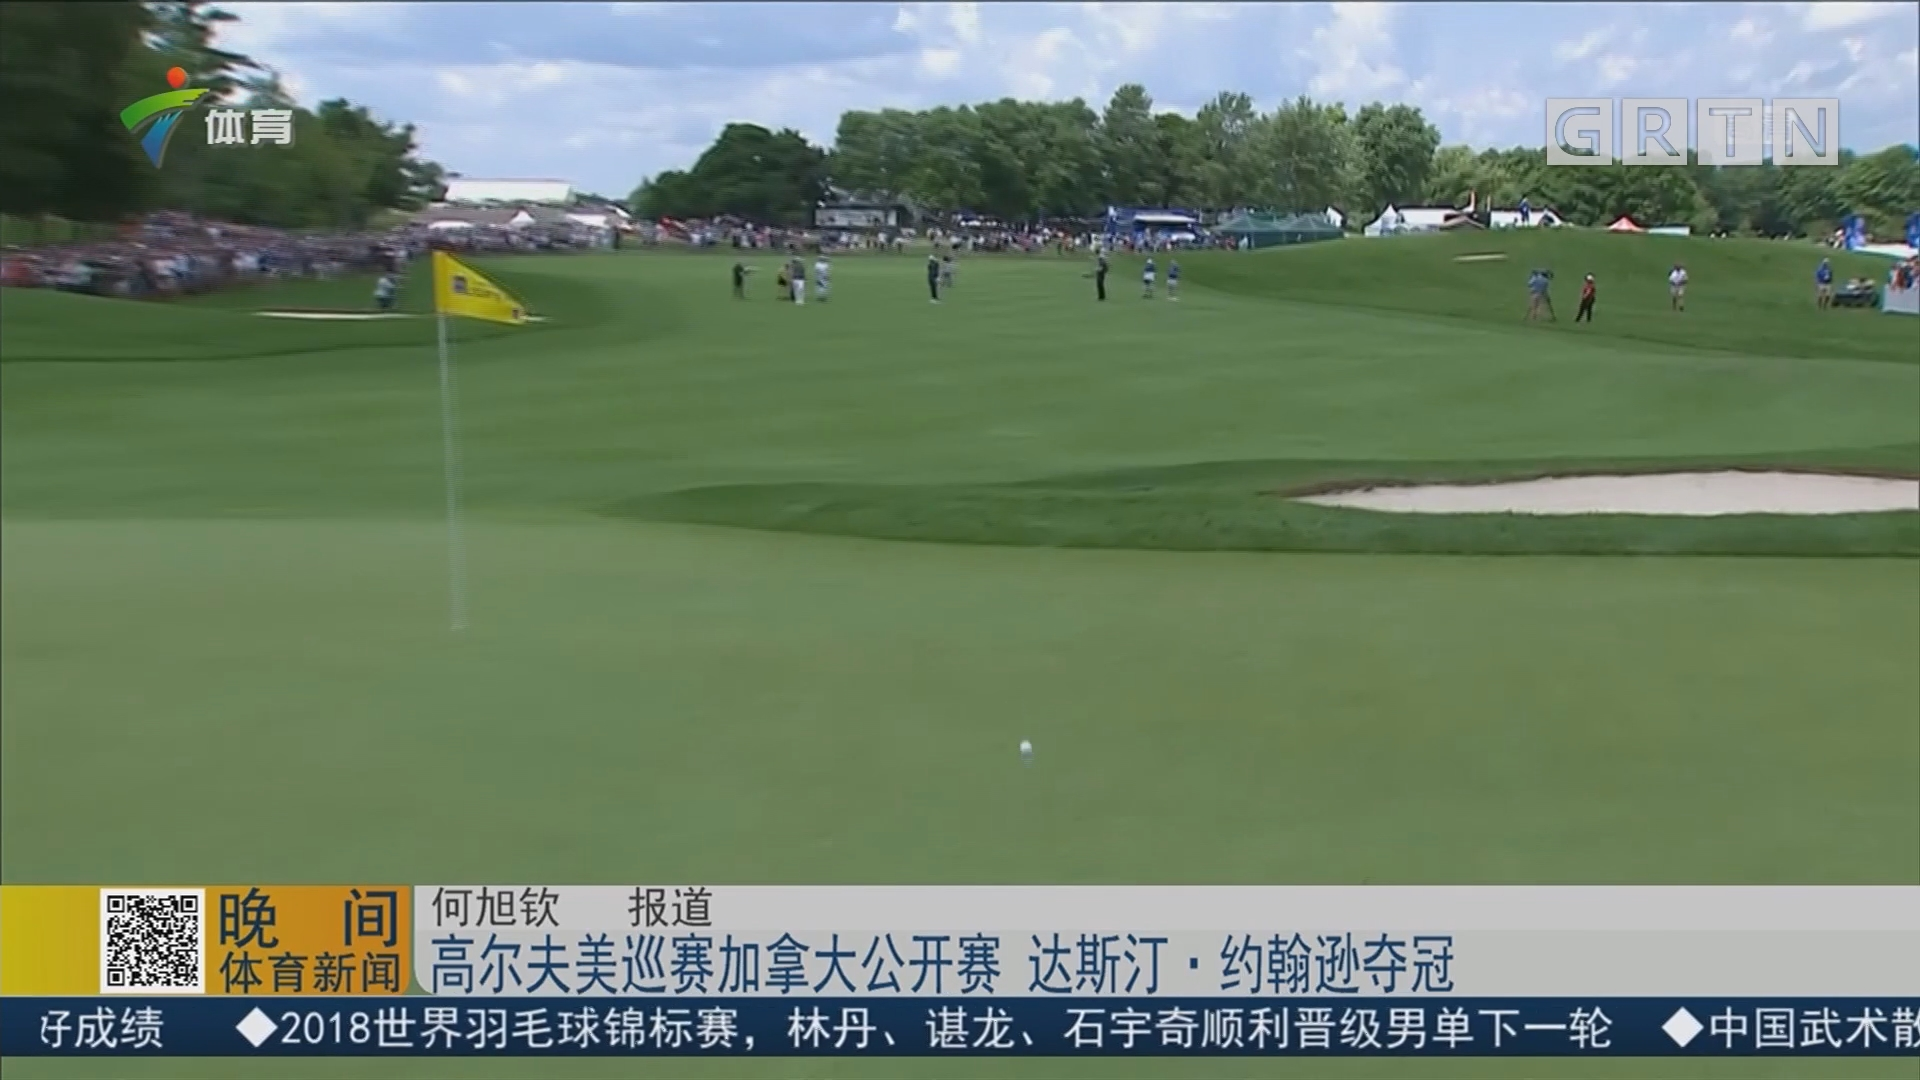 高尔夫美巡赛加拿大公开赛 达斯汀·约翰逊夺冠